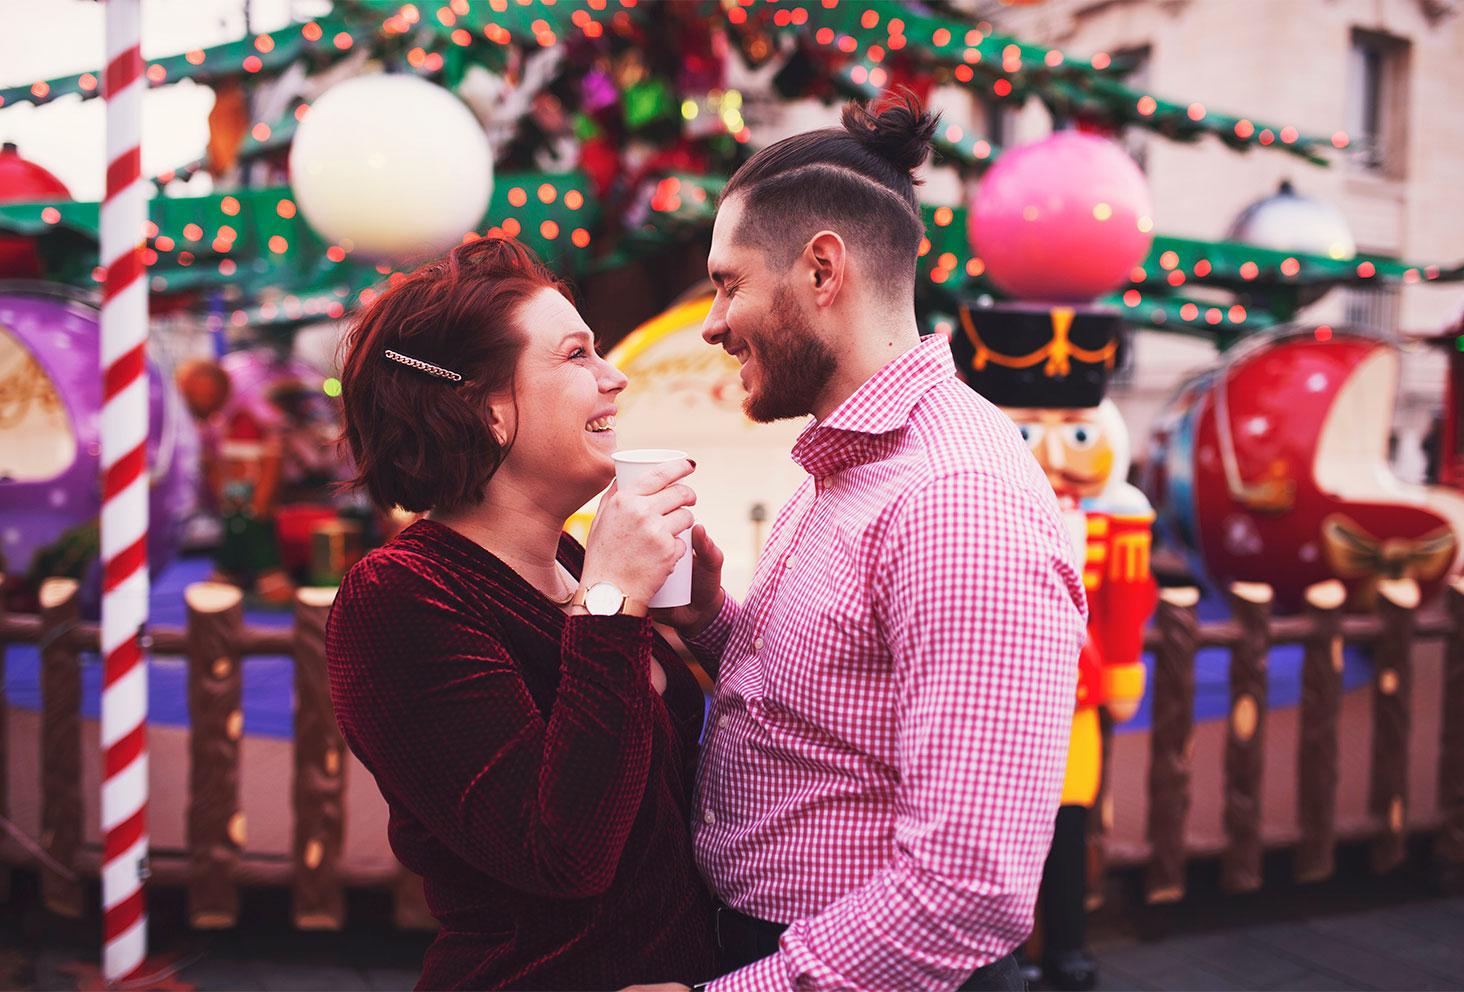 Sur le marché de Noël aux couleurs des fêtes de fin d'année, en amoureux un verre de cidre chaud à la main pour fêter les 4 ans du blog